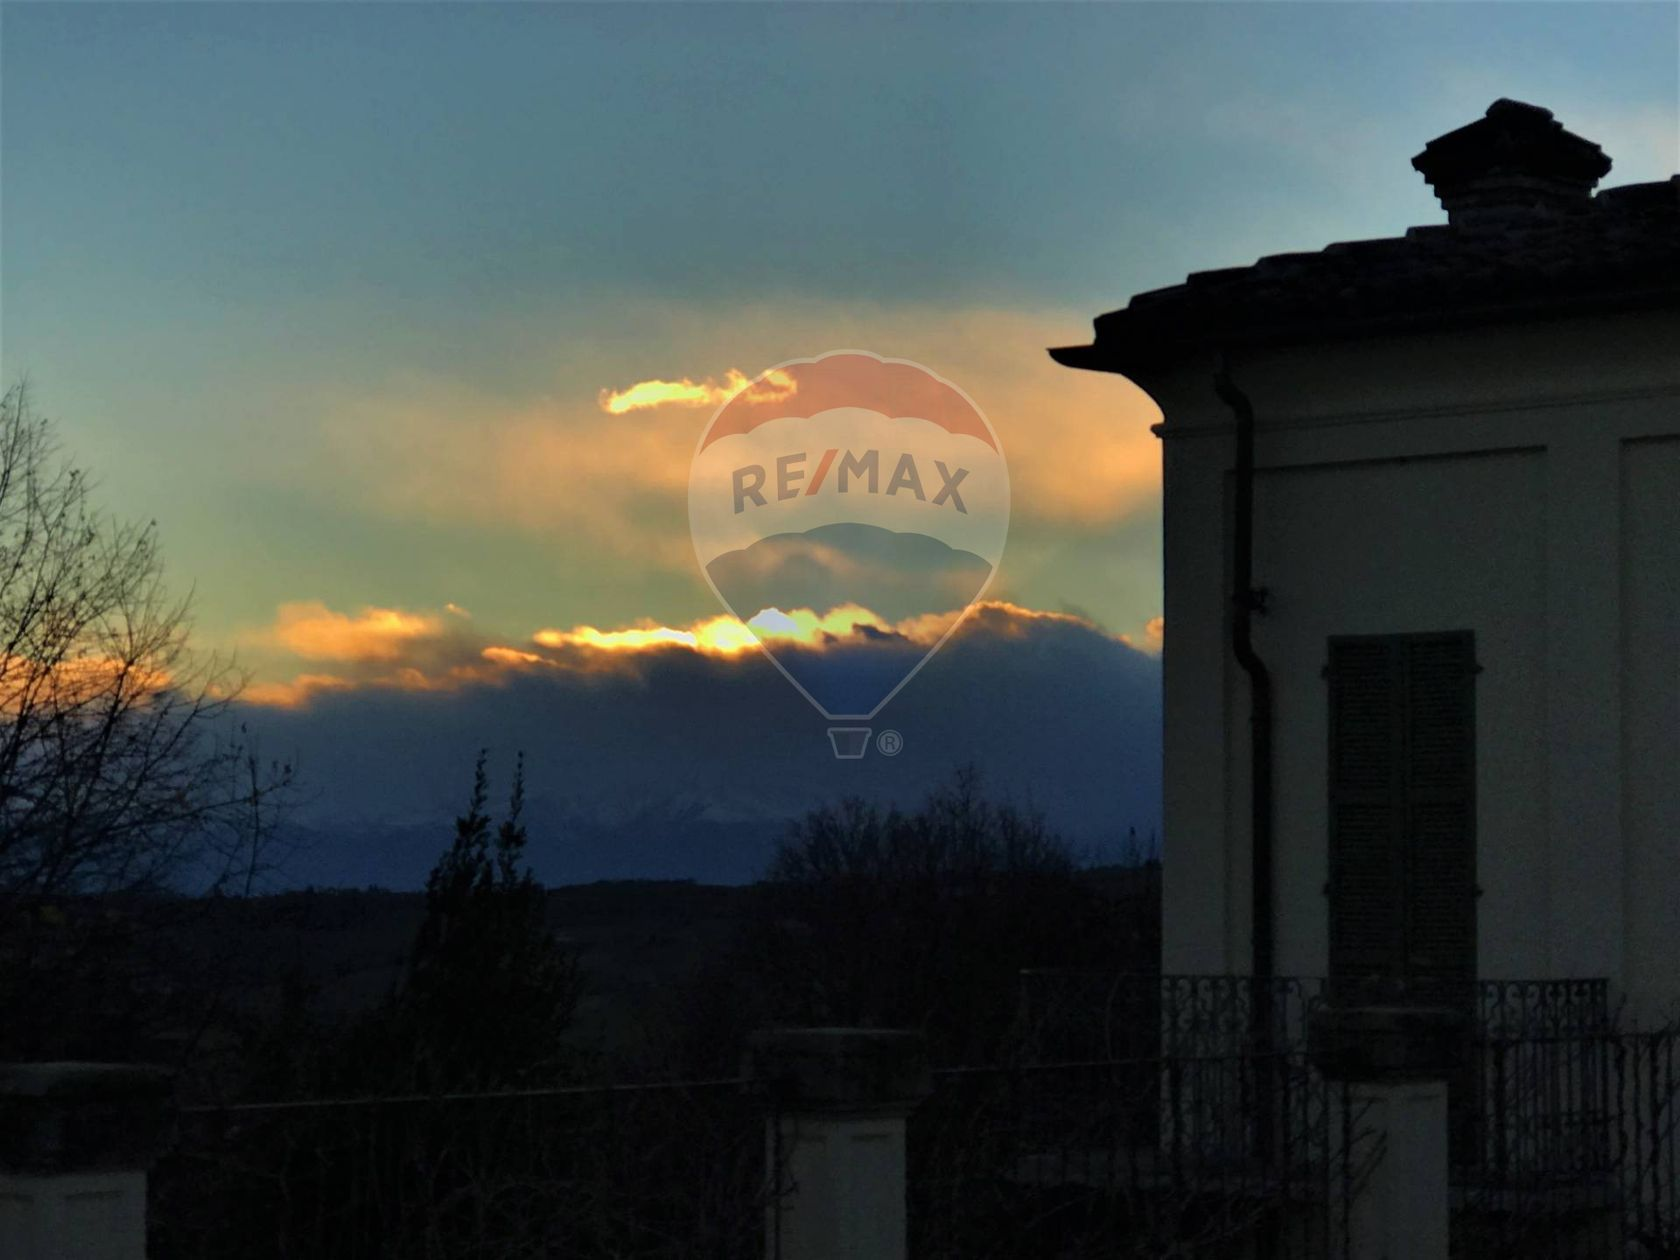 Appartamento Avuglione, Marentino, TO Vendita - Foto 43